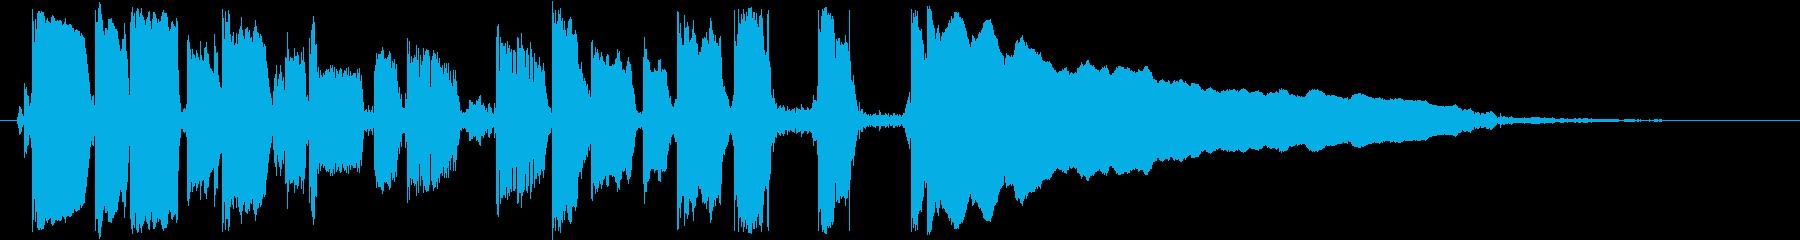 ギターフレーズ009の再生済みの波形